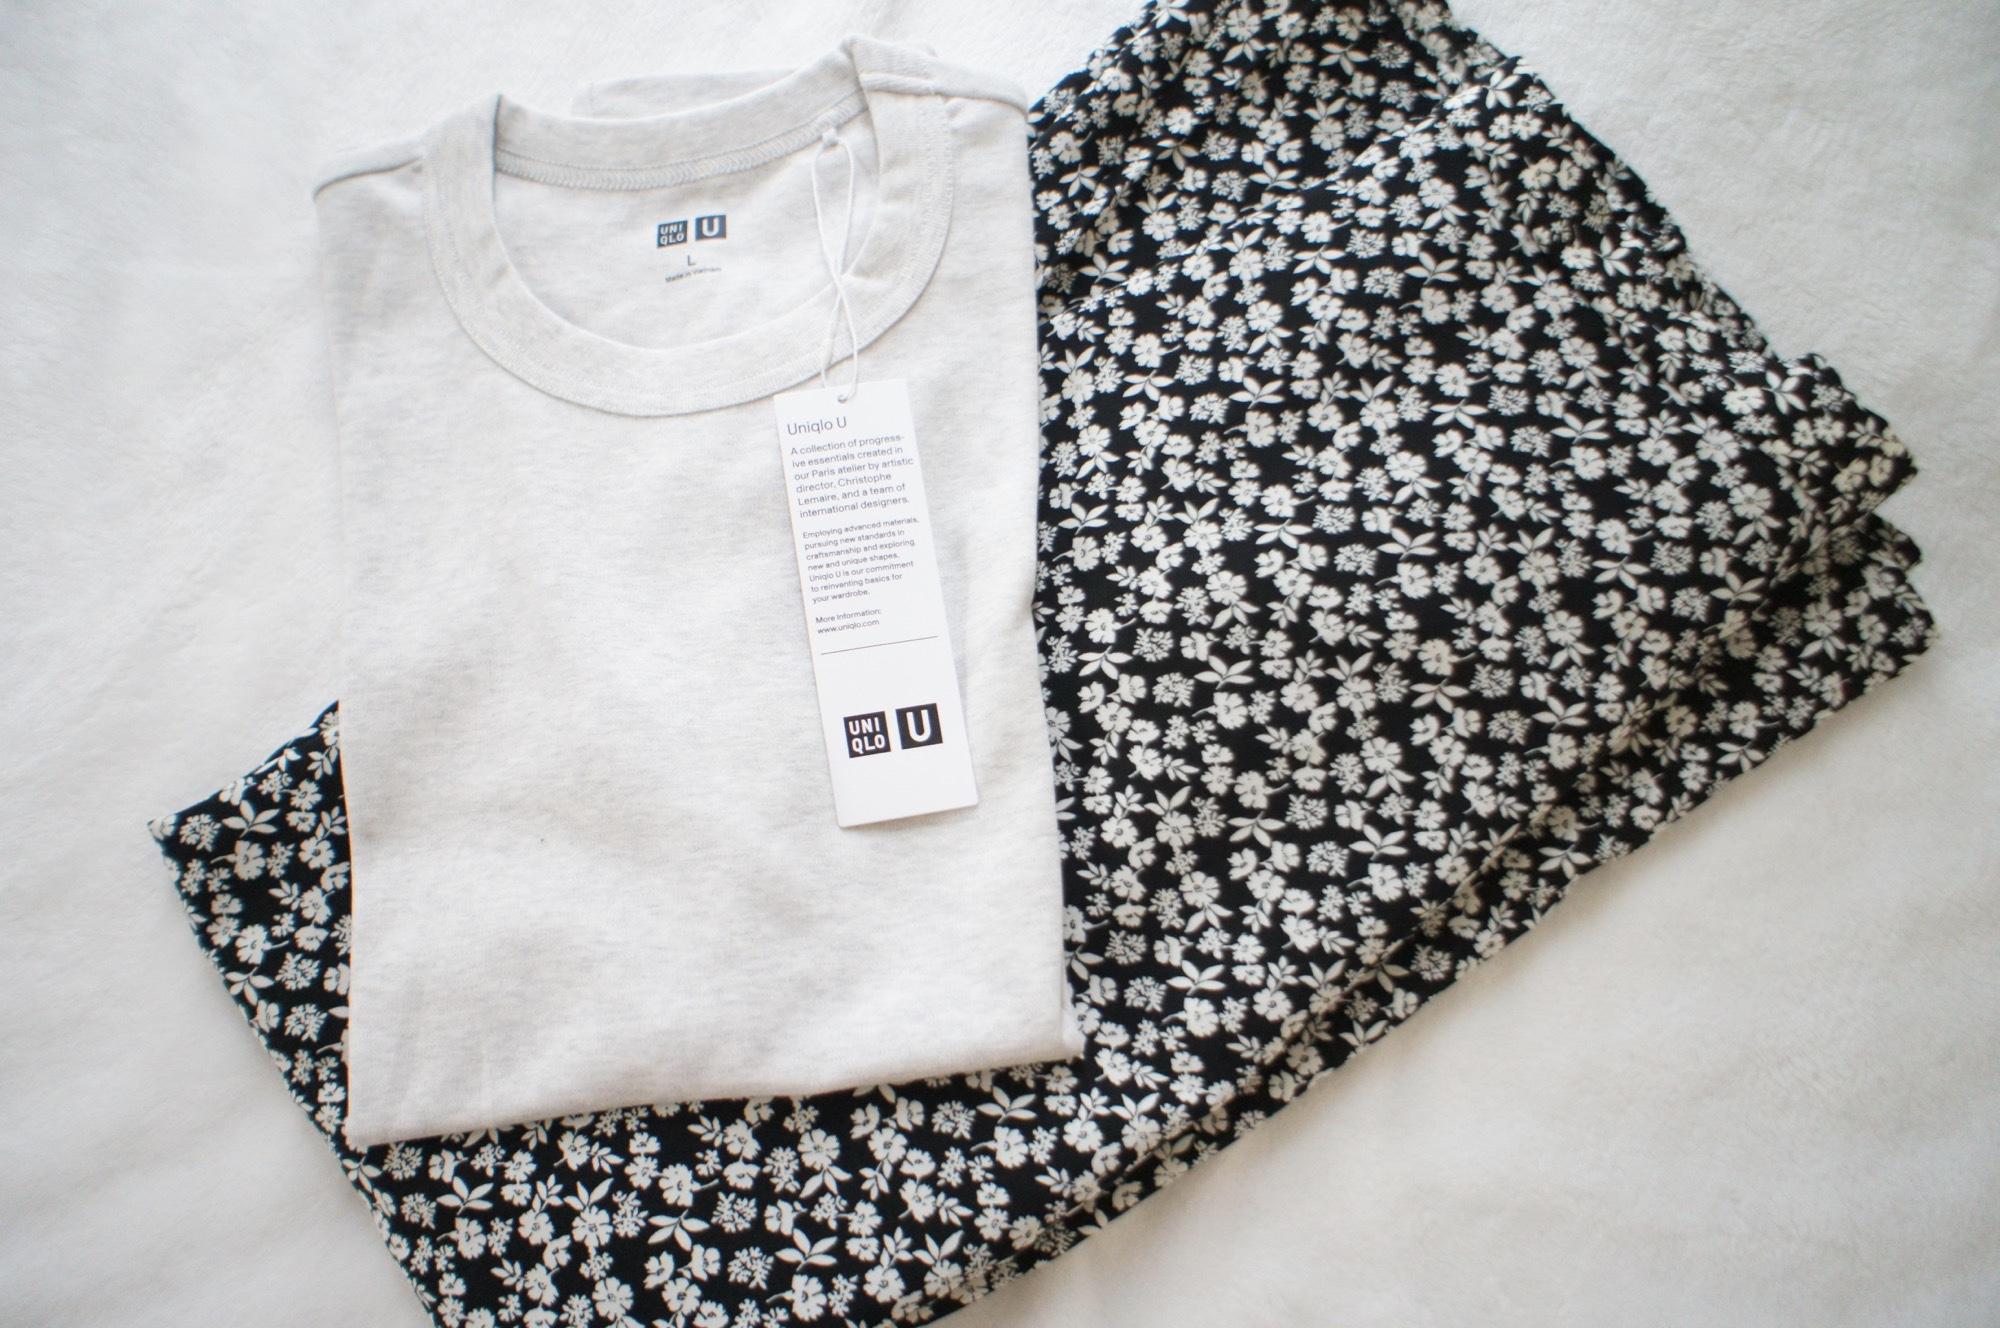 《#170cmトールガール》のプチプラコーデ❤️【Uniqlo U】の大人気Tシャツ!買い足すなら◯◯カラーがおすすめ❤︎☝︎